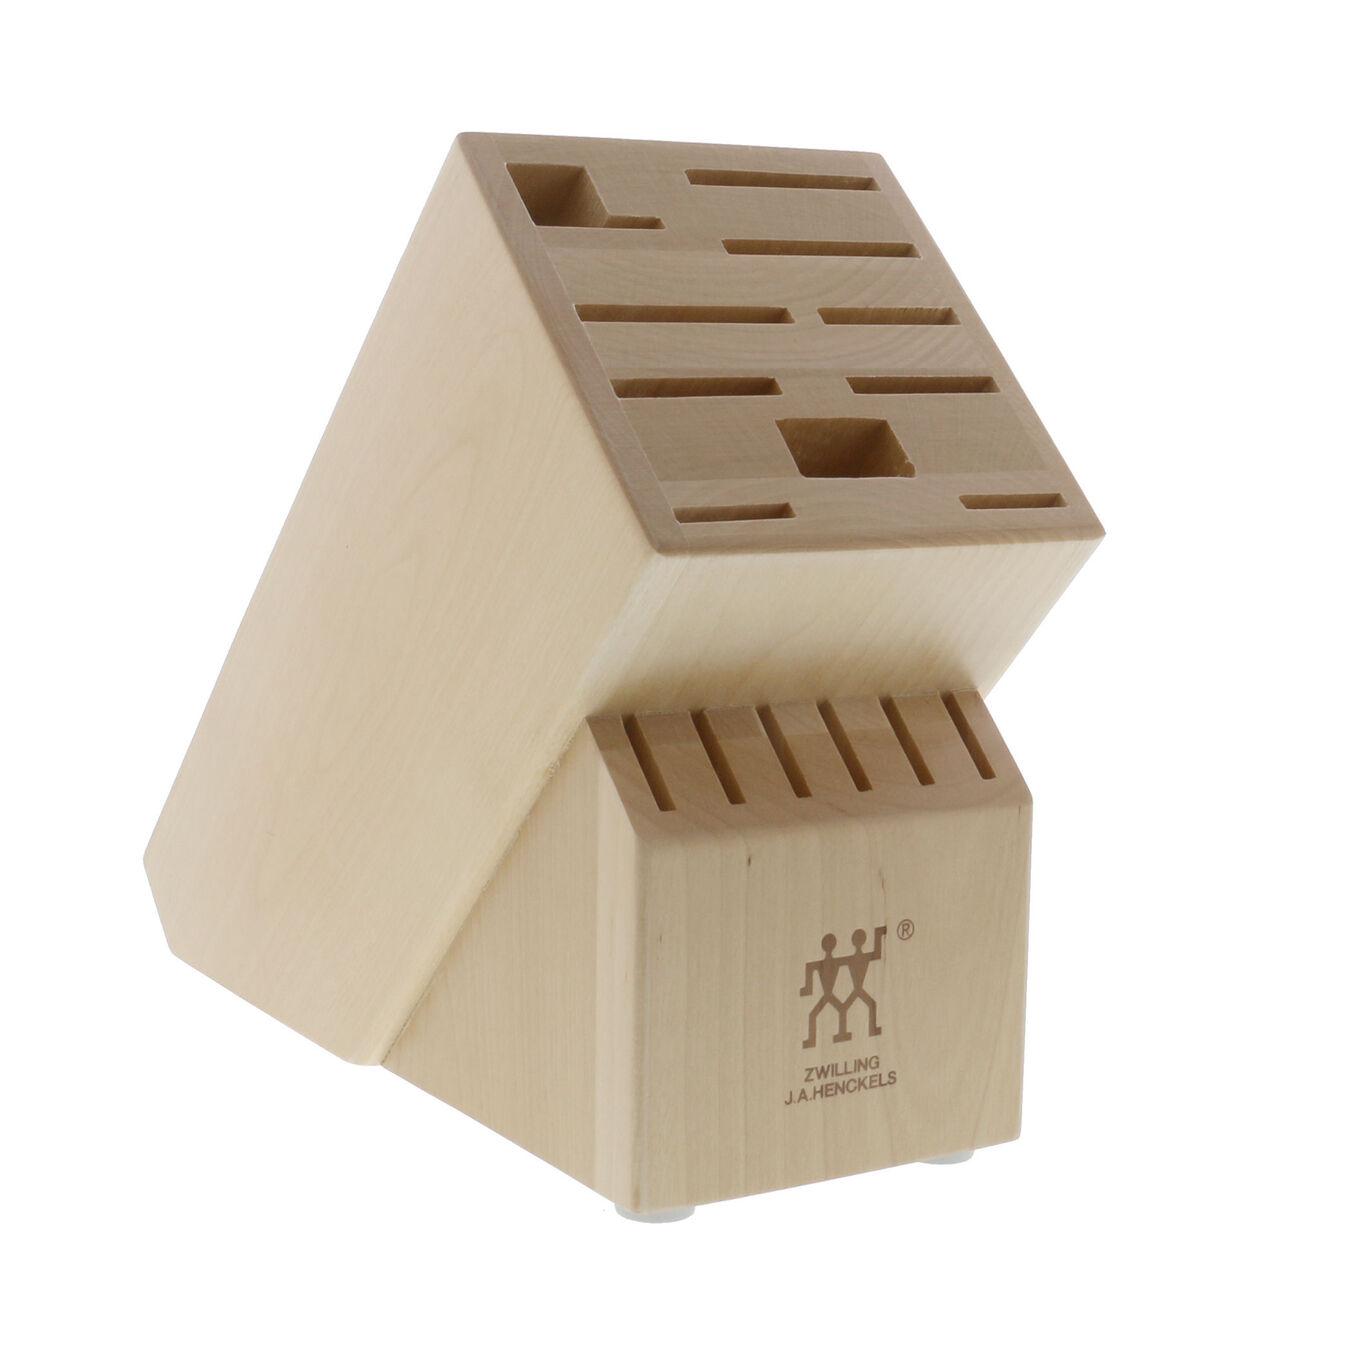 Birchwood Natural 16-slot block,,large 1